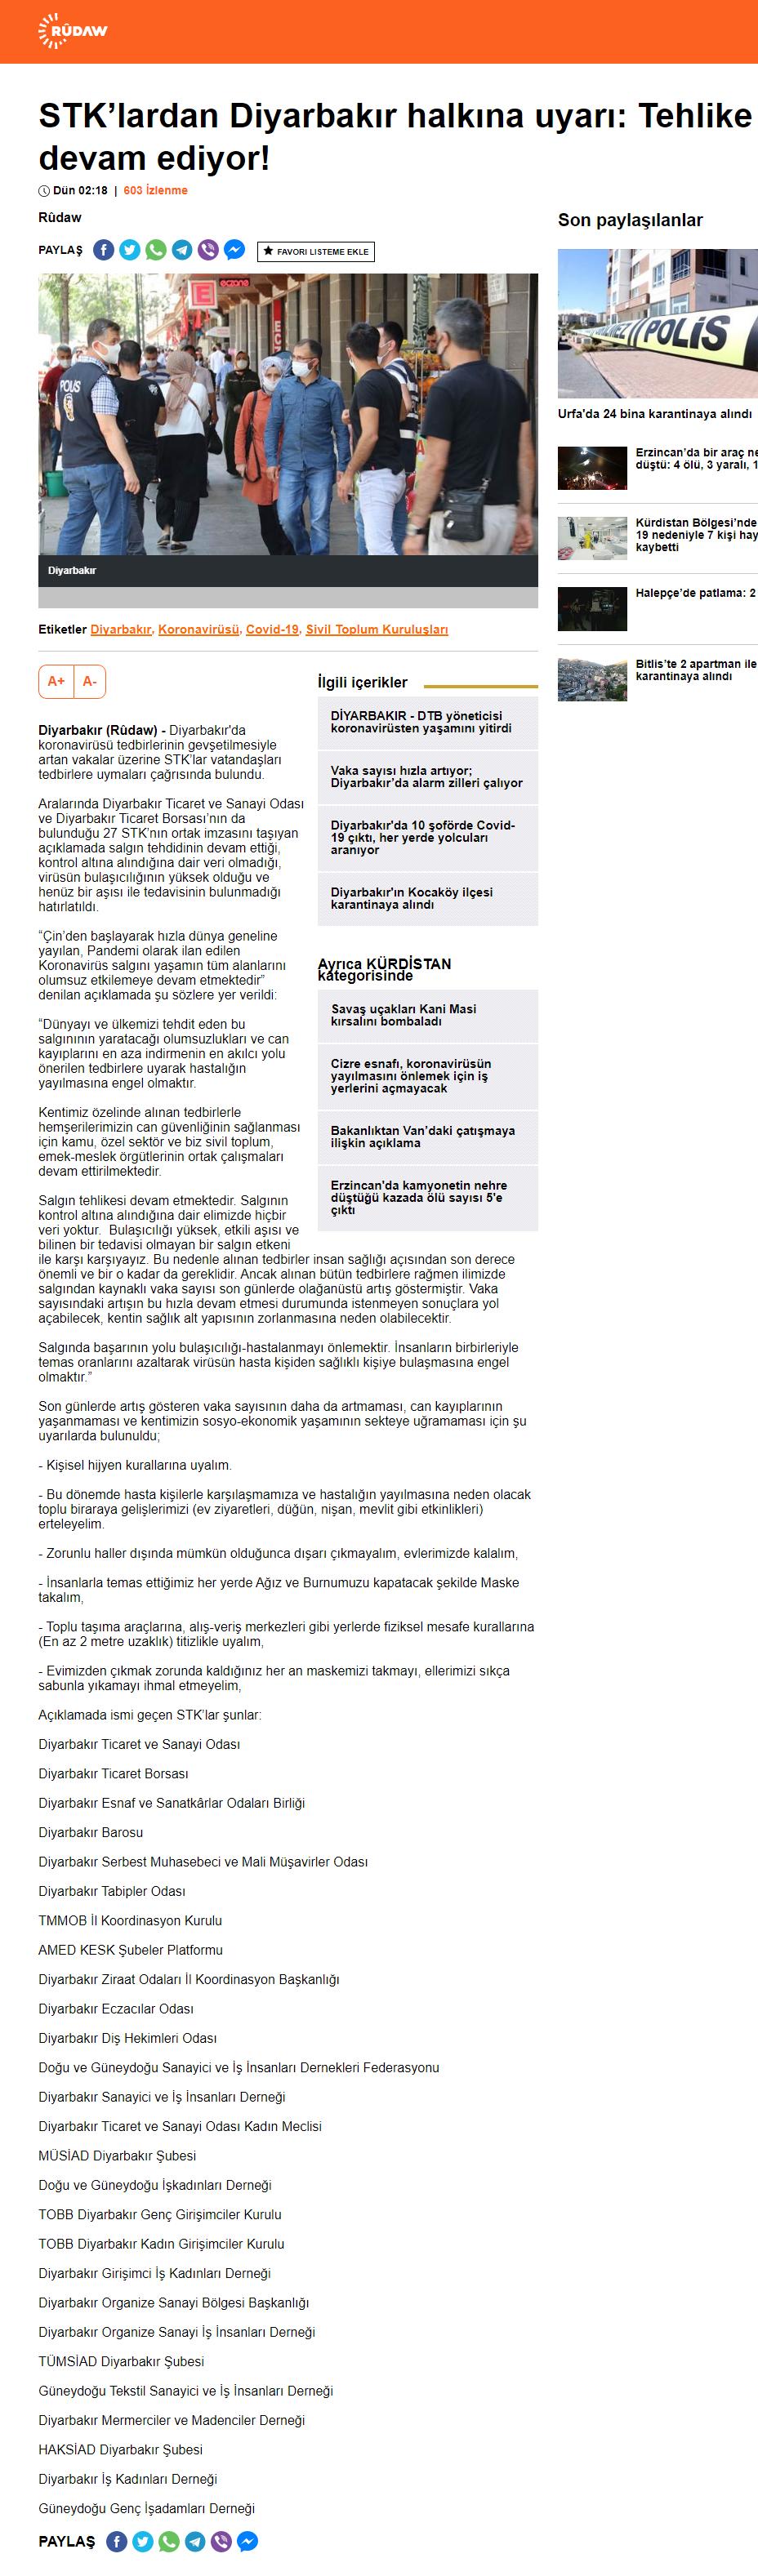 """2020 06 15 STKLARDAN DİYARBAKIR HALKINA UYARI """"TEHLİKE DEVAM EDİYOR"""" (rudaw.net)"""